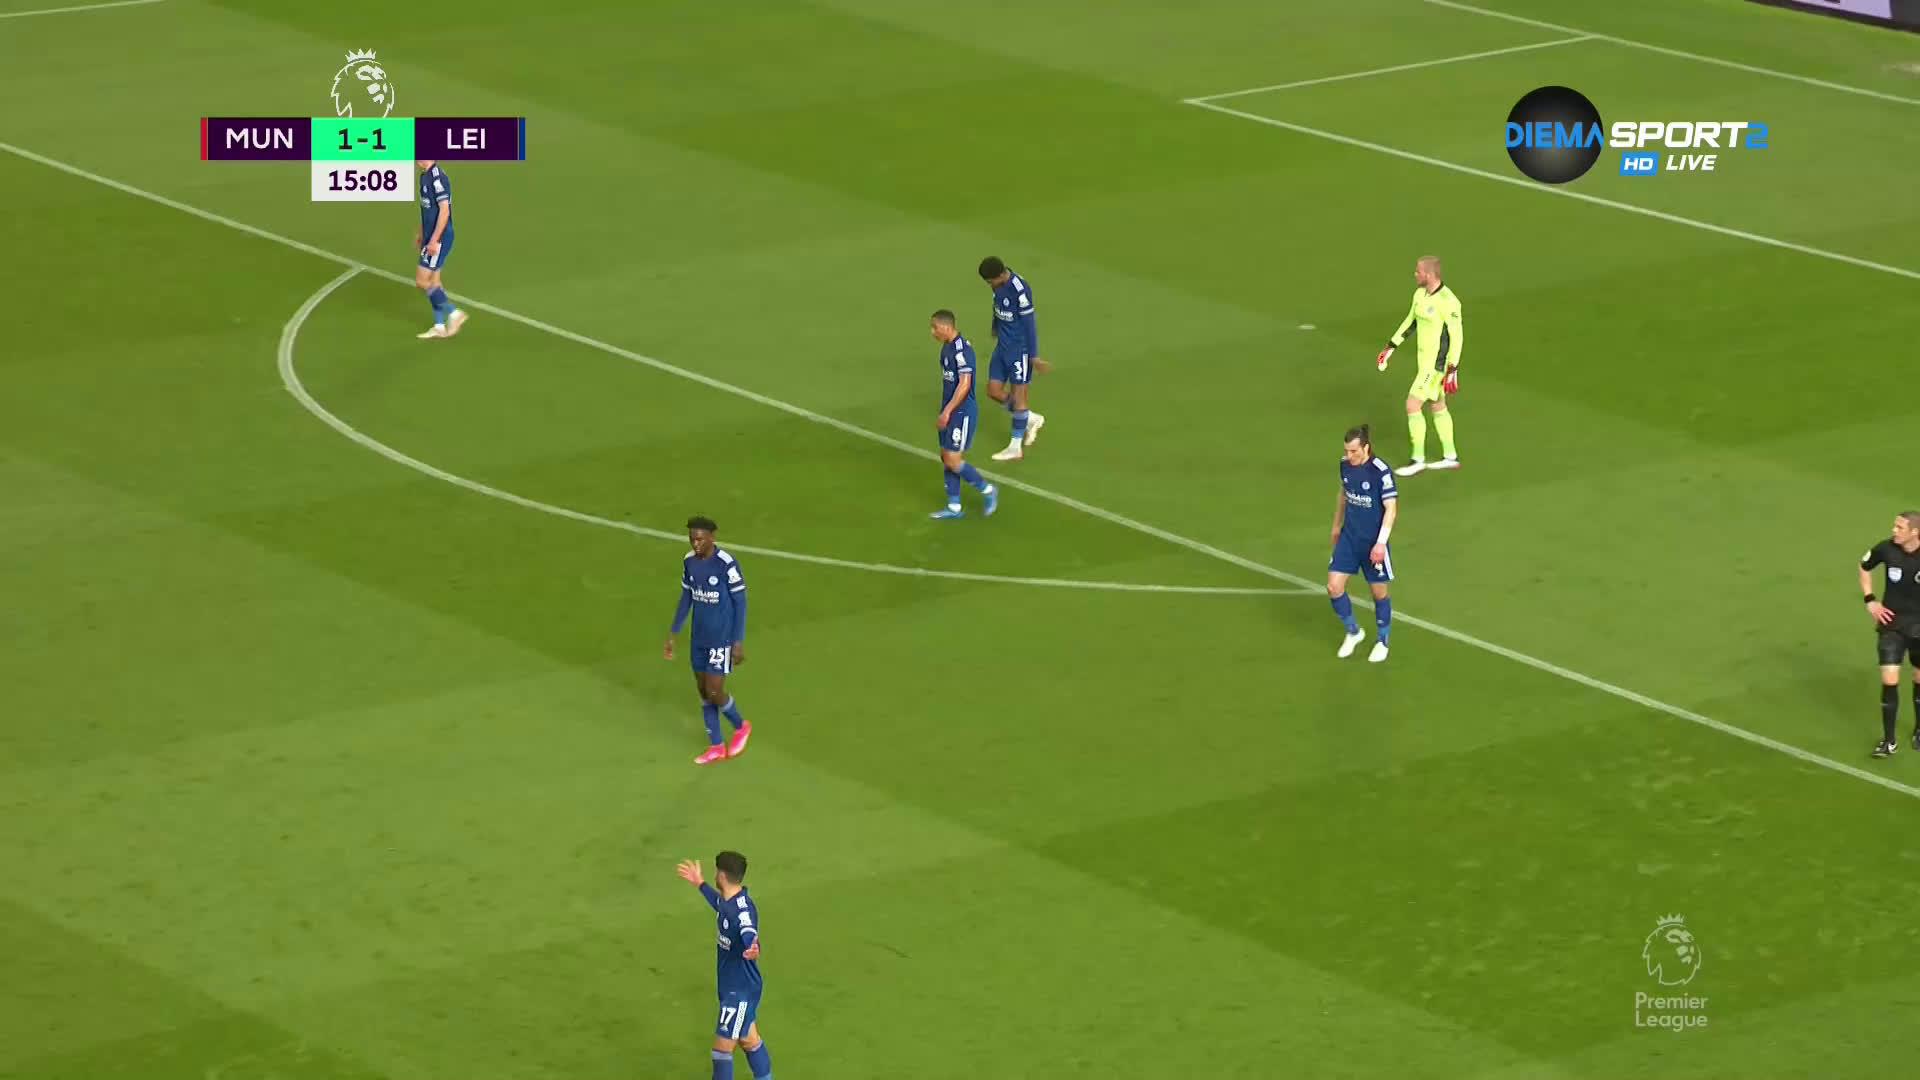 Манчестър Юнайтед - Лестър Сити 1:1 /първо полувреме/